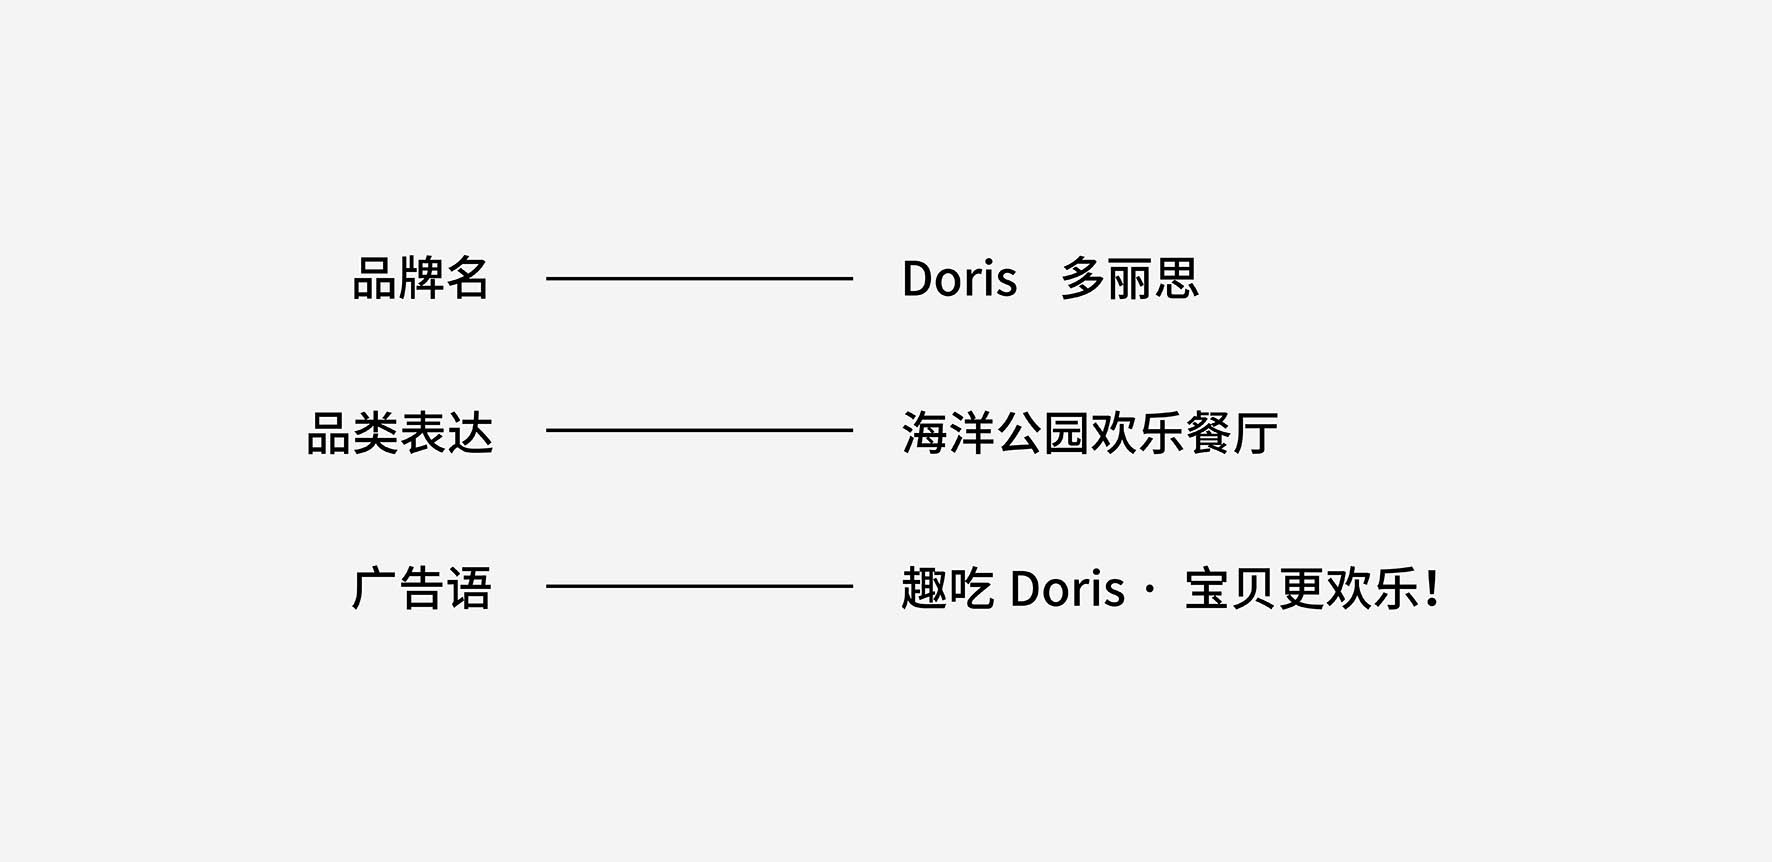 品牌气质定位 品牌名:Doris多丽思